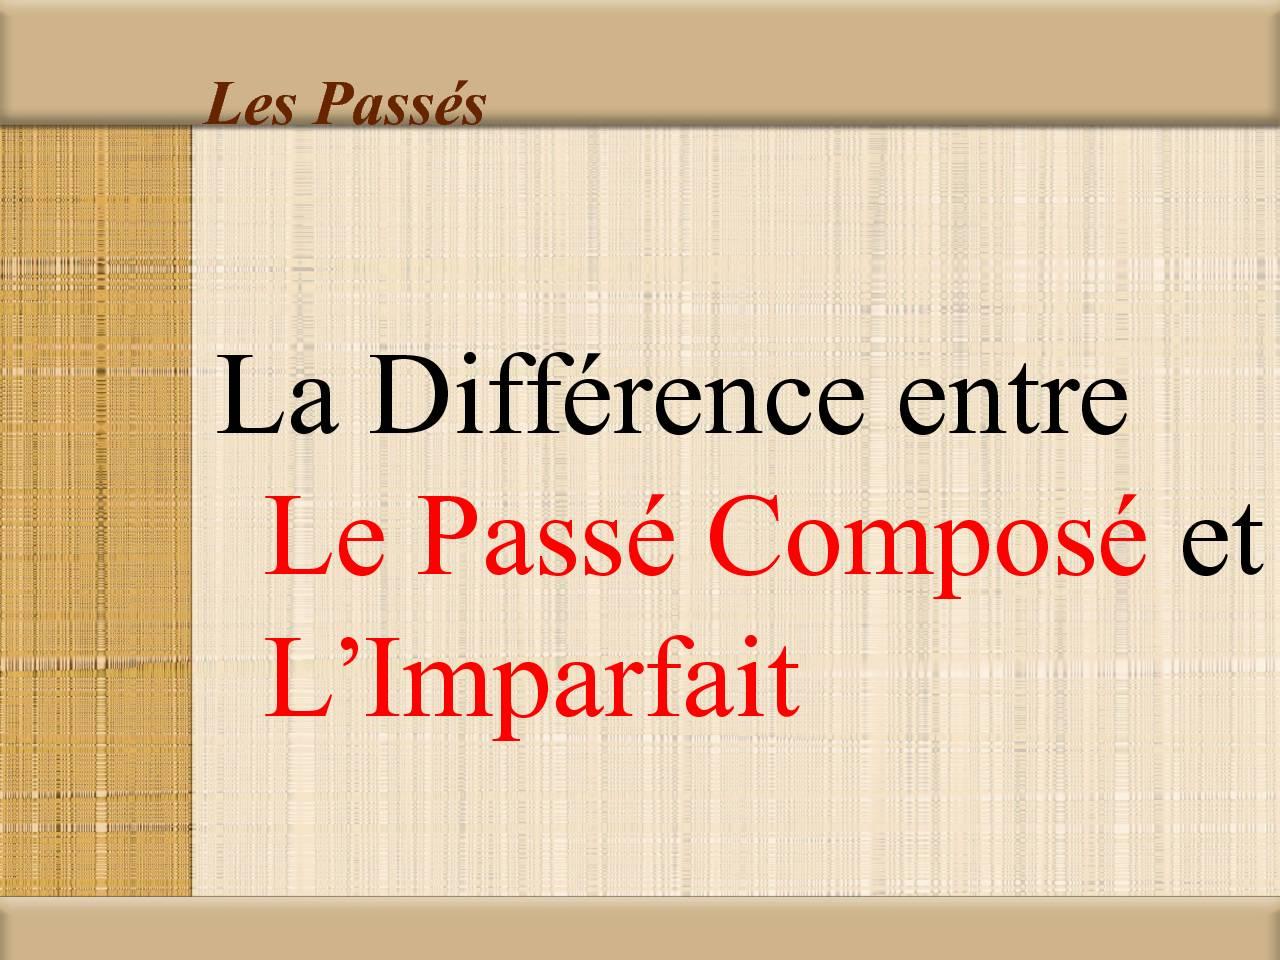 La Différence entre Le Passé Composé et L'Imparfait